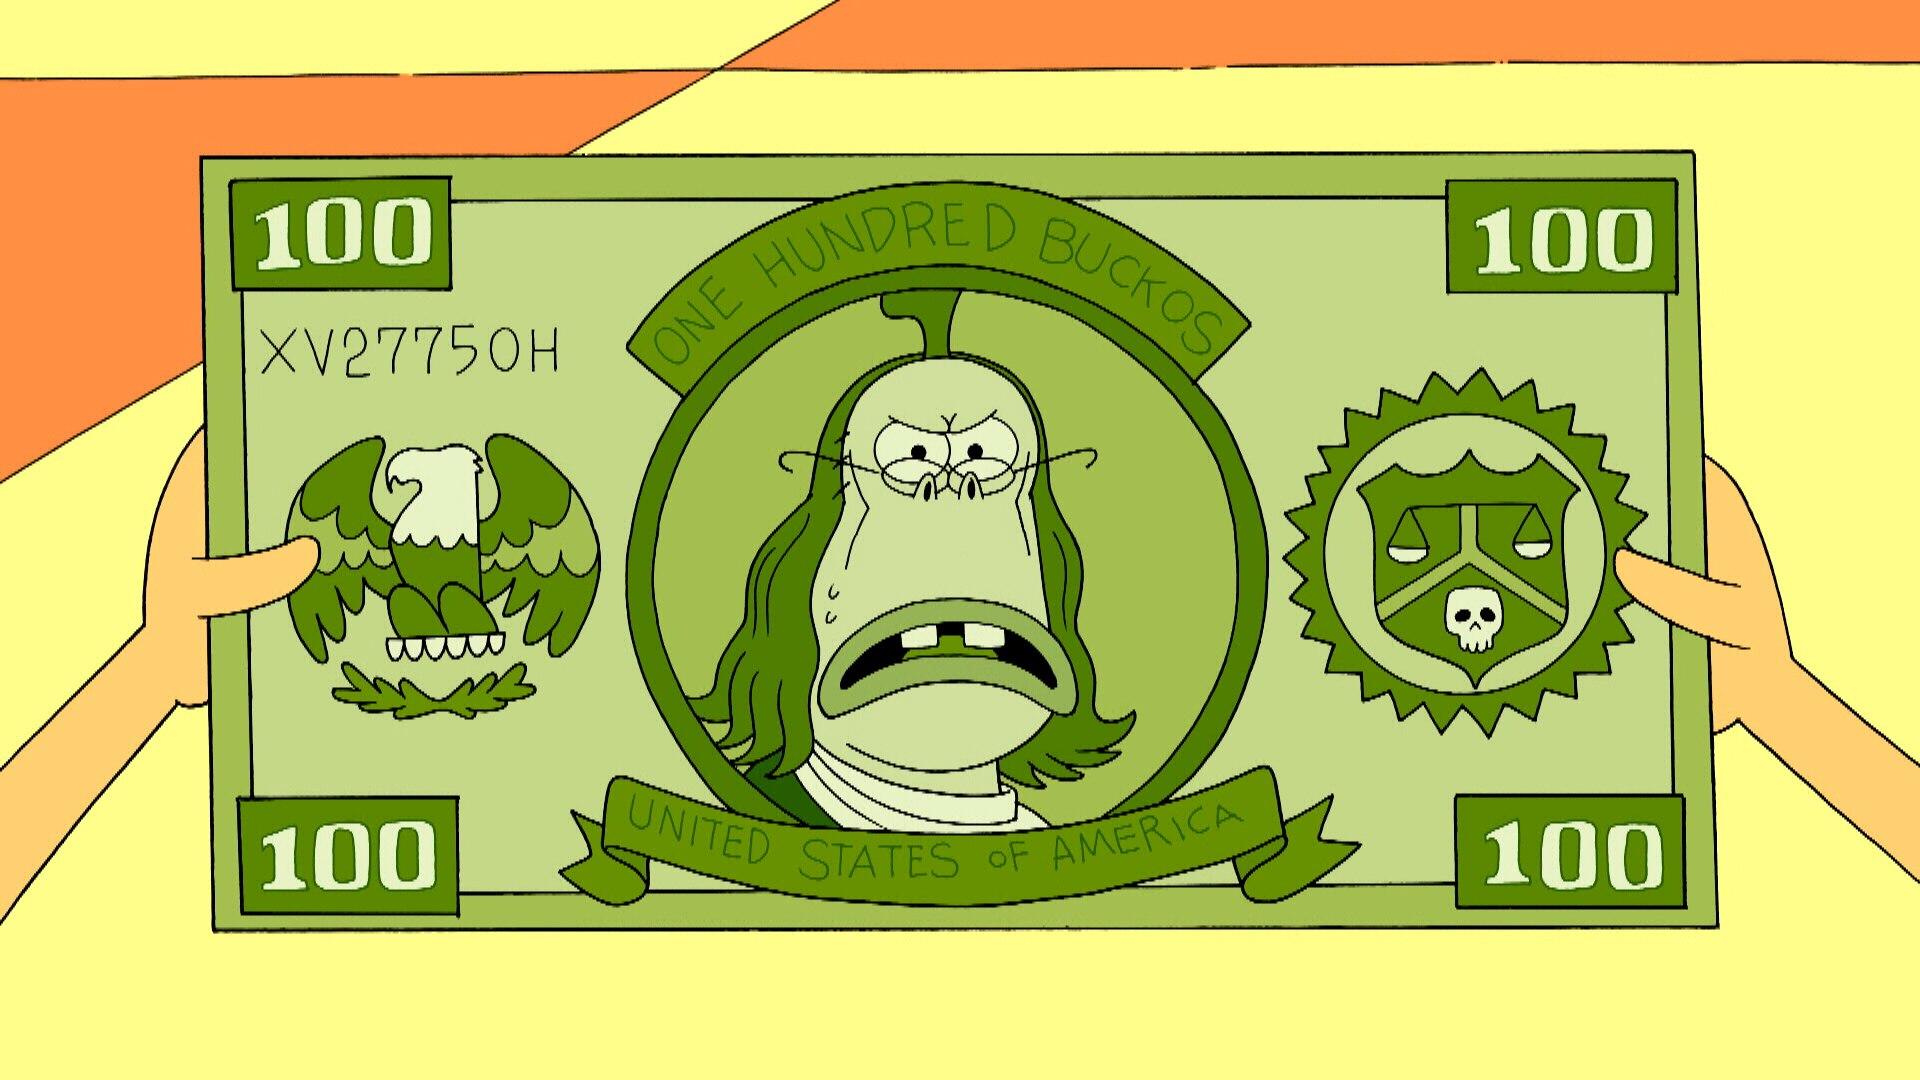 Hundred Dollar Gus